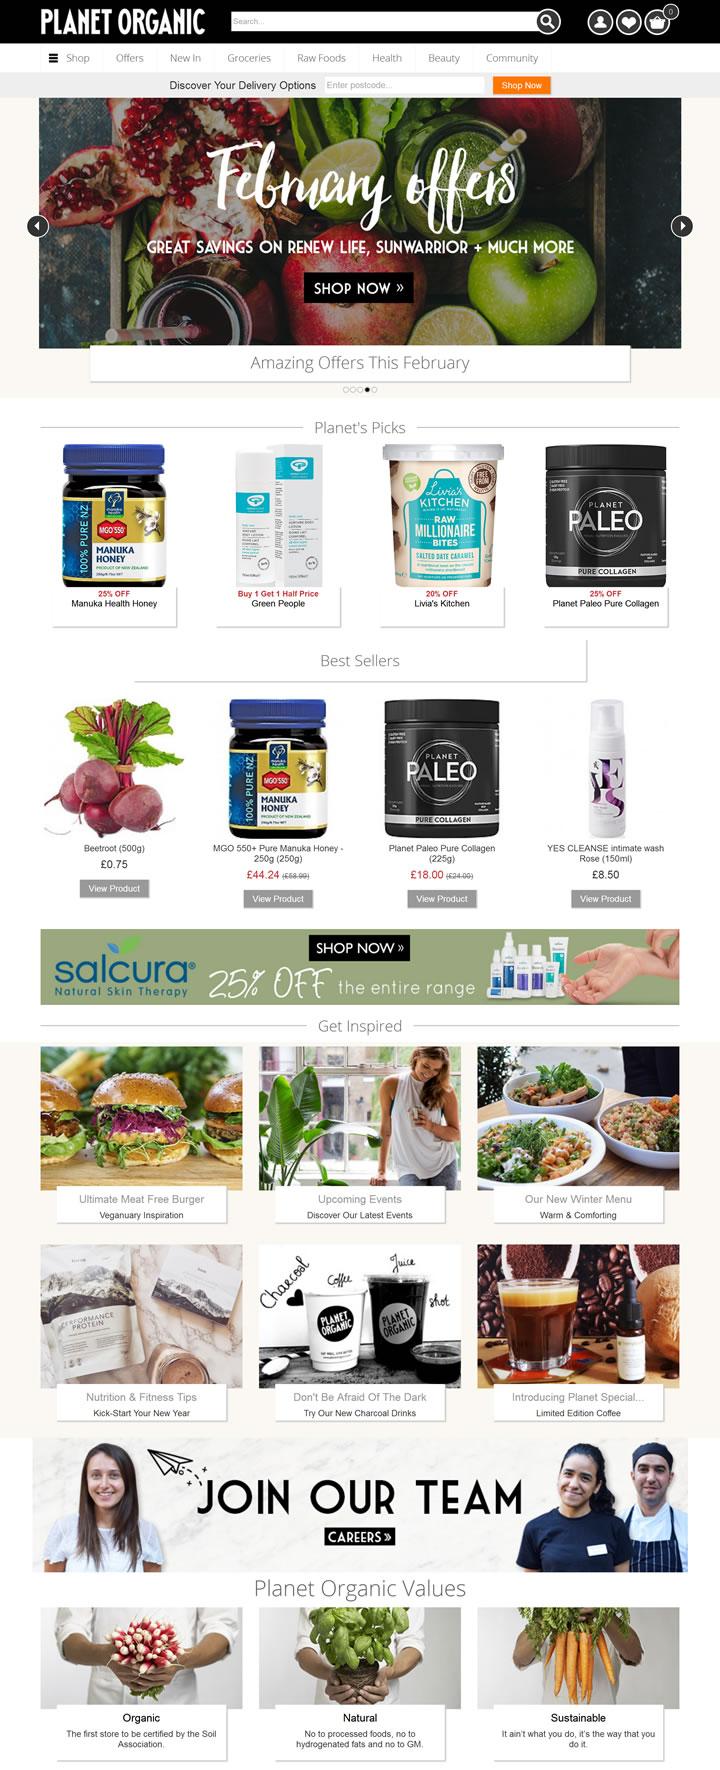 英国最大的经认证的有机超市:Planet Organic